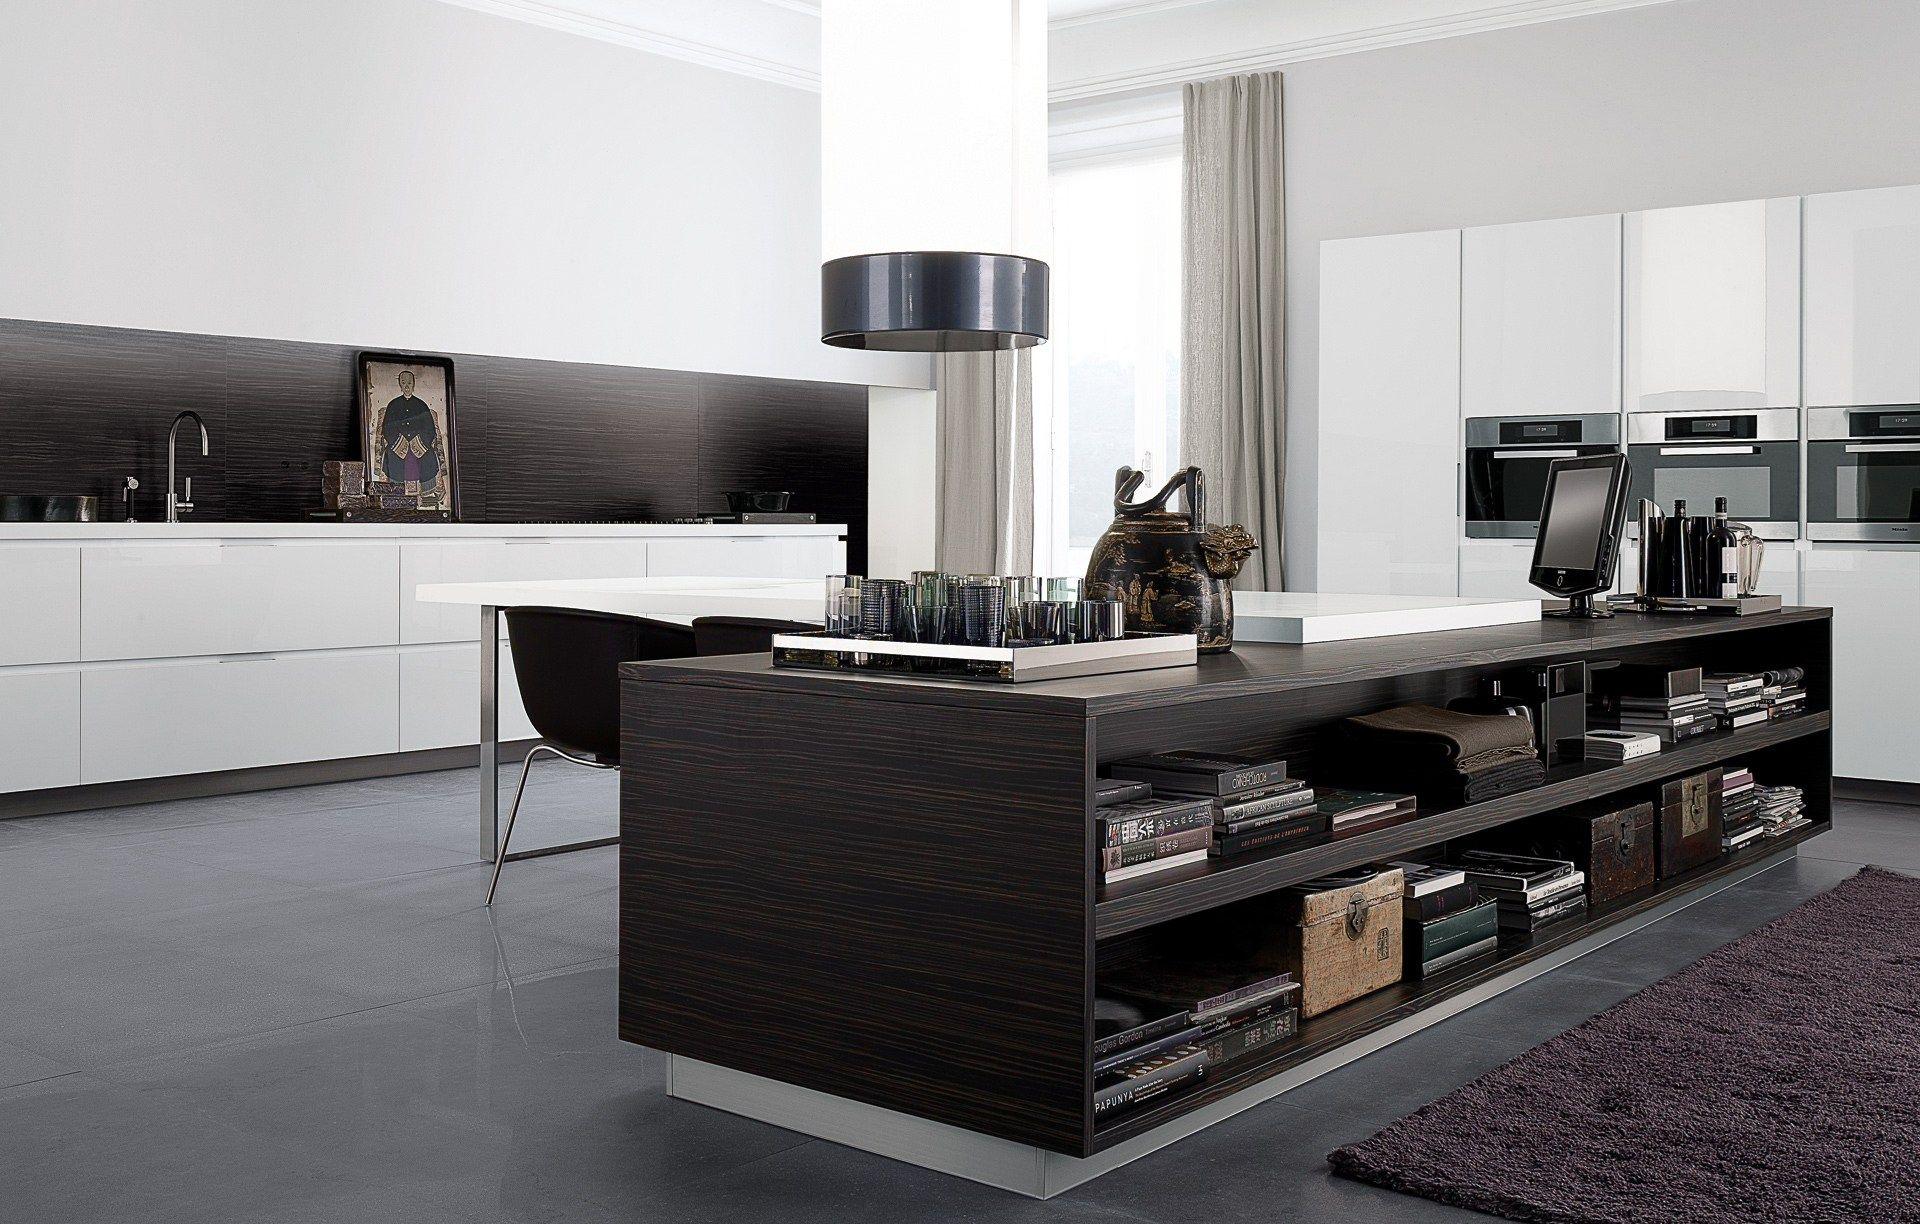 Lacquered wooden kitchen matrix by varenna by poliform for Poliform kitchen designs